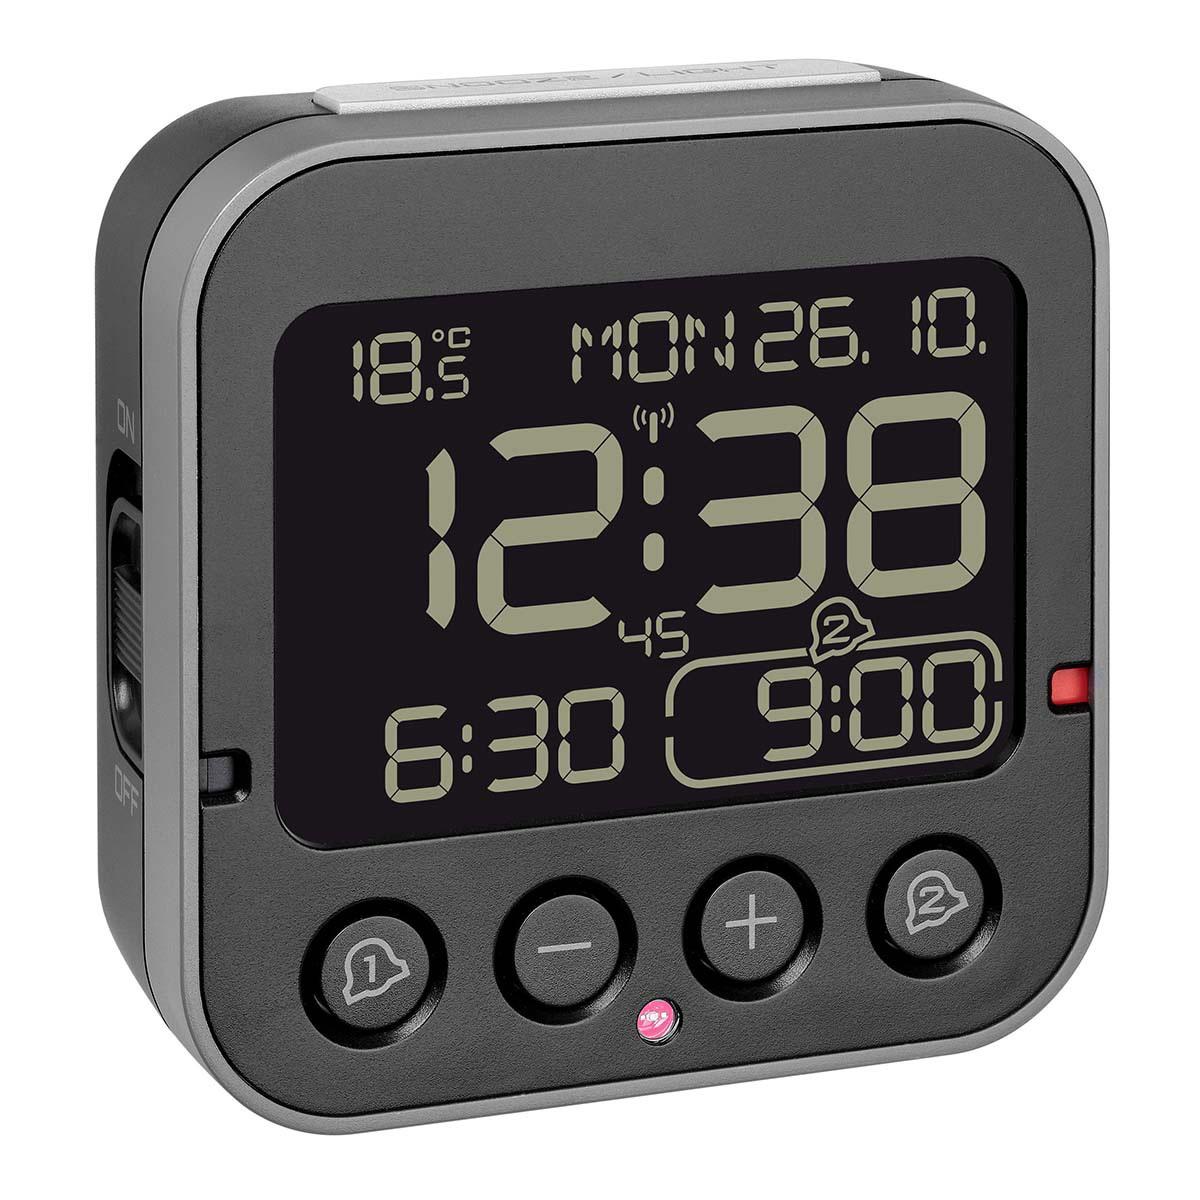 60-2552-01-digitaler-funk-wecker-mit-temperatur-bingo-2-0-1200x1200px.jpg